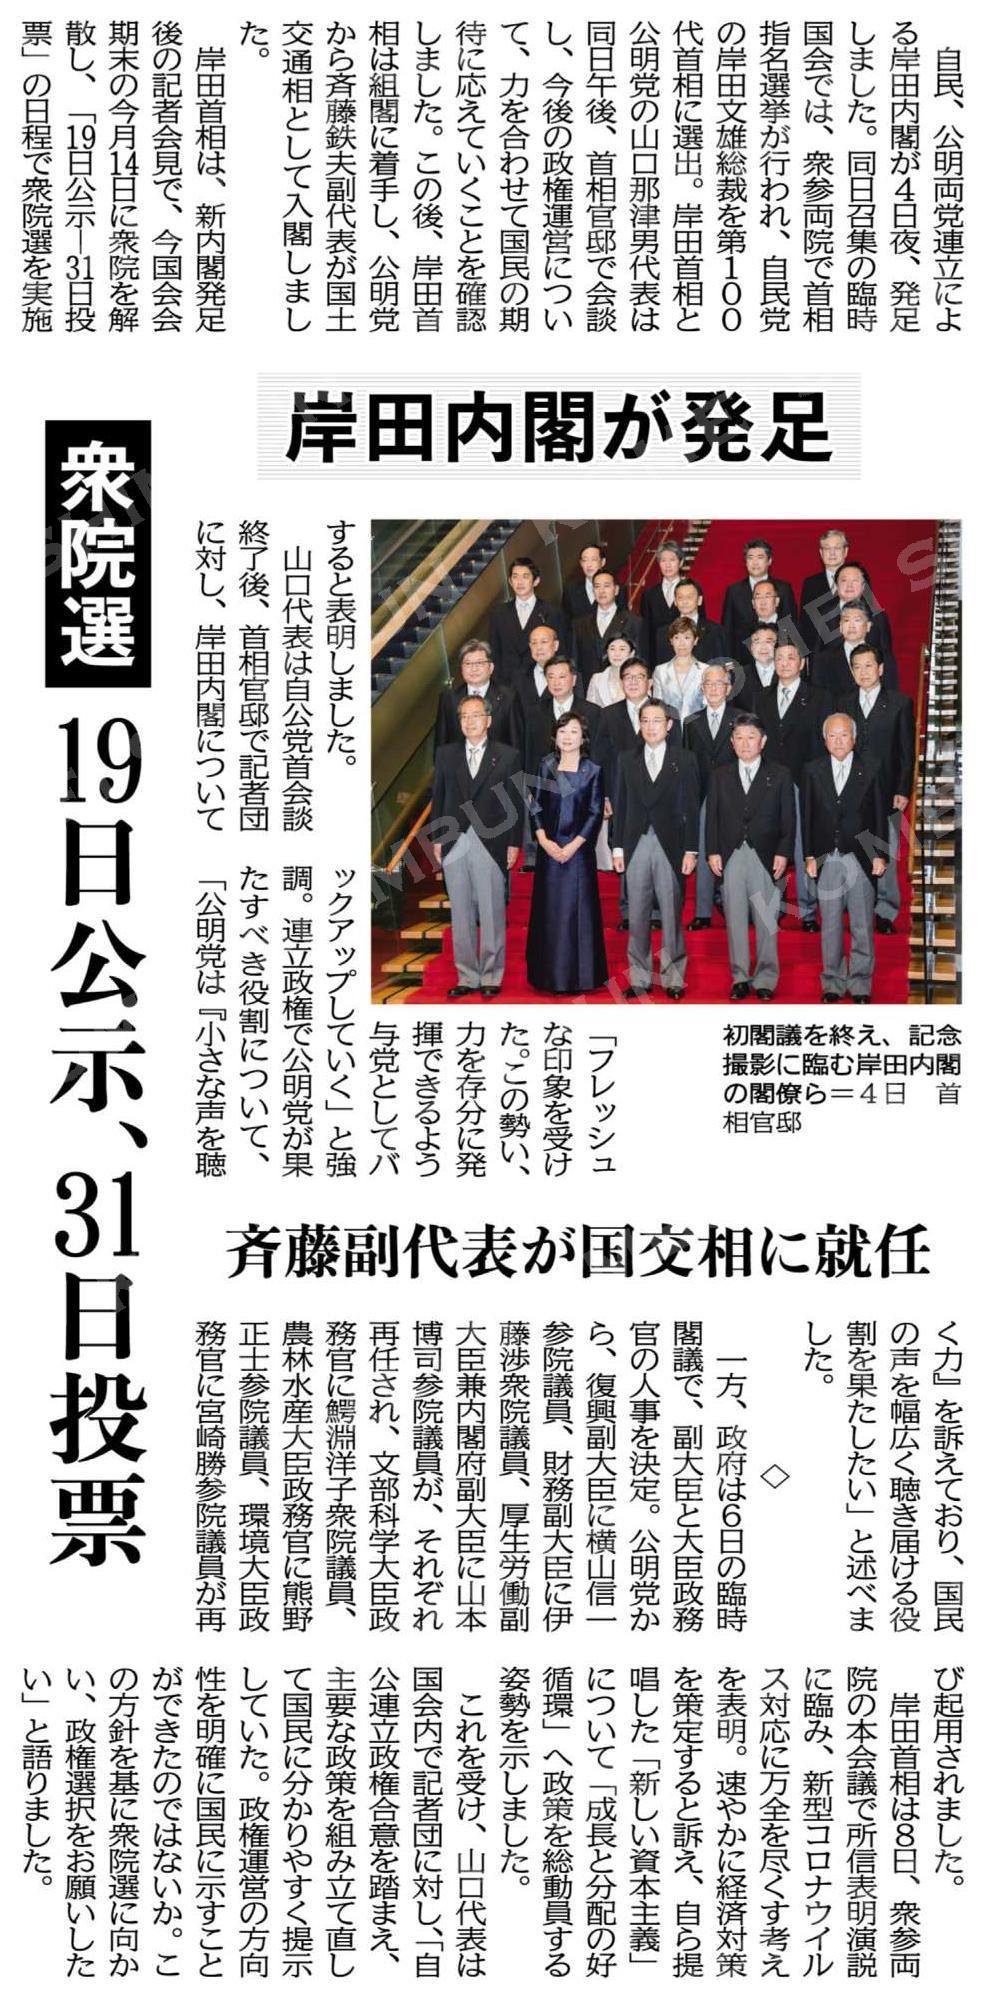 (岸田内閣が発足)衆院選19日公示、31日投票/斉藤副代表が国交相に就任